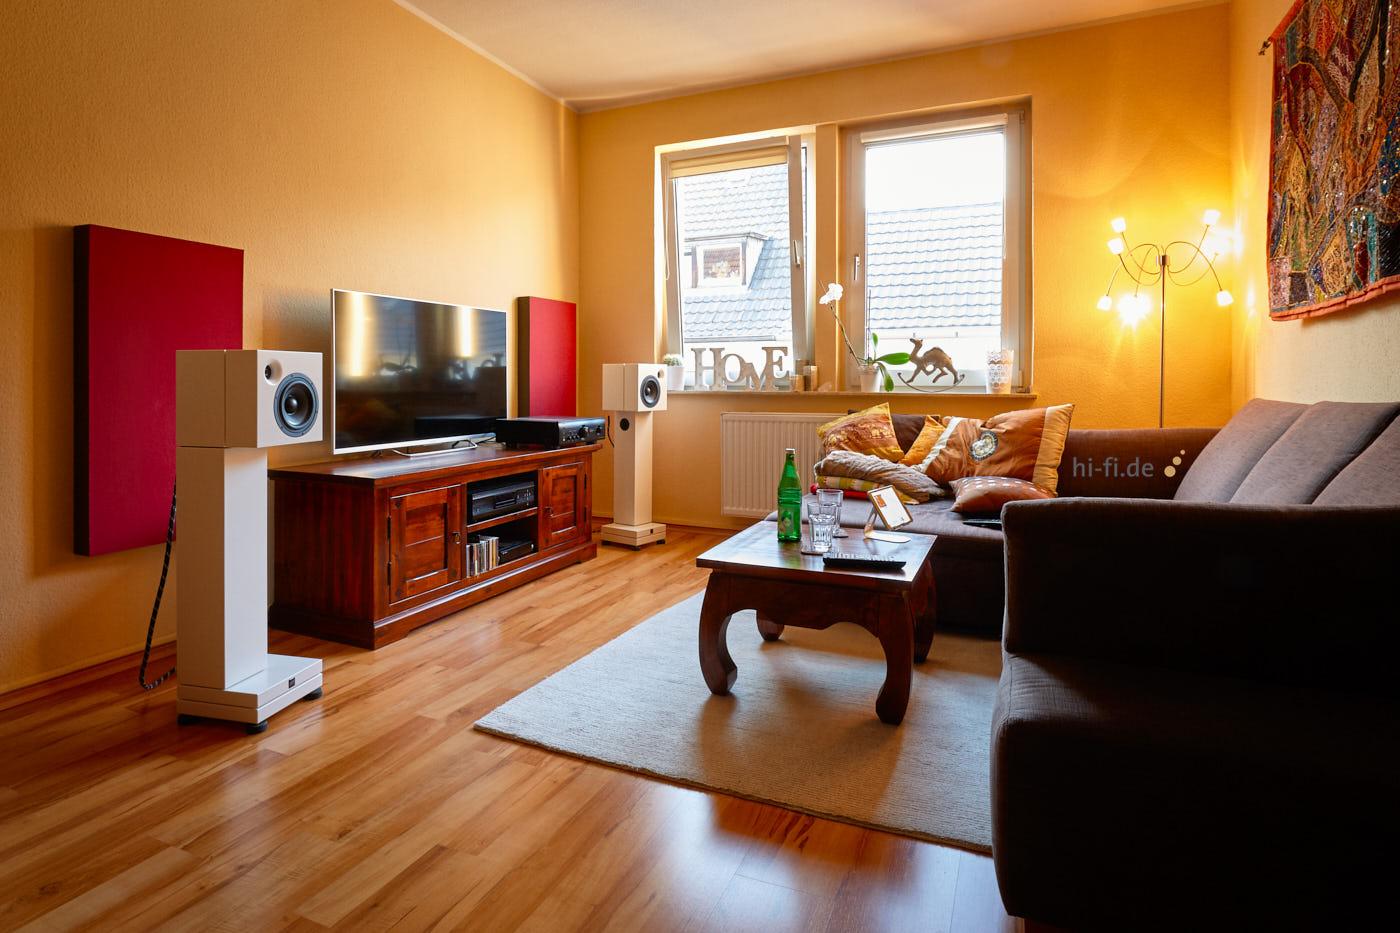 Sehring Audio S 801 Studio auf B 800.5